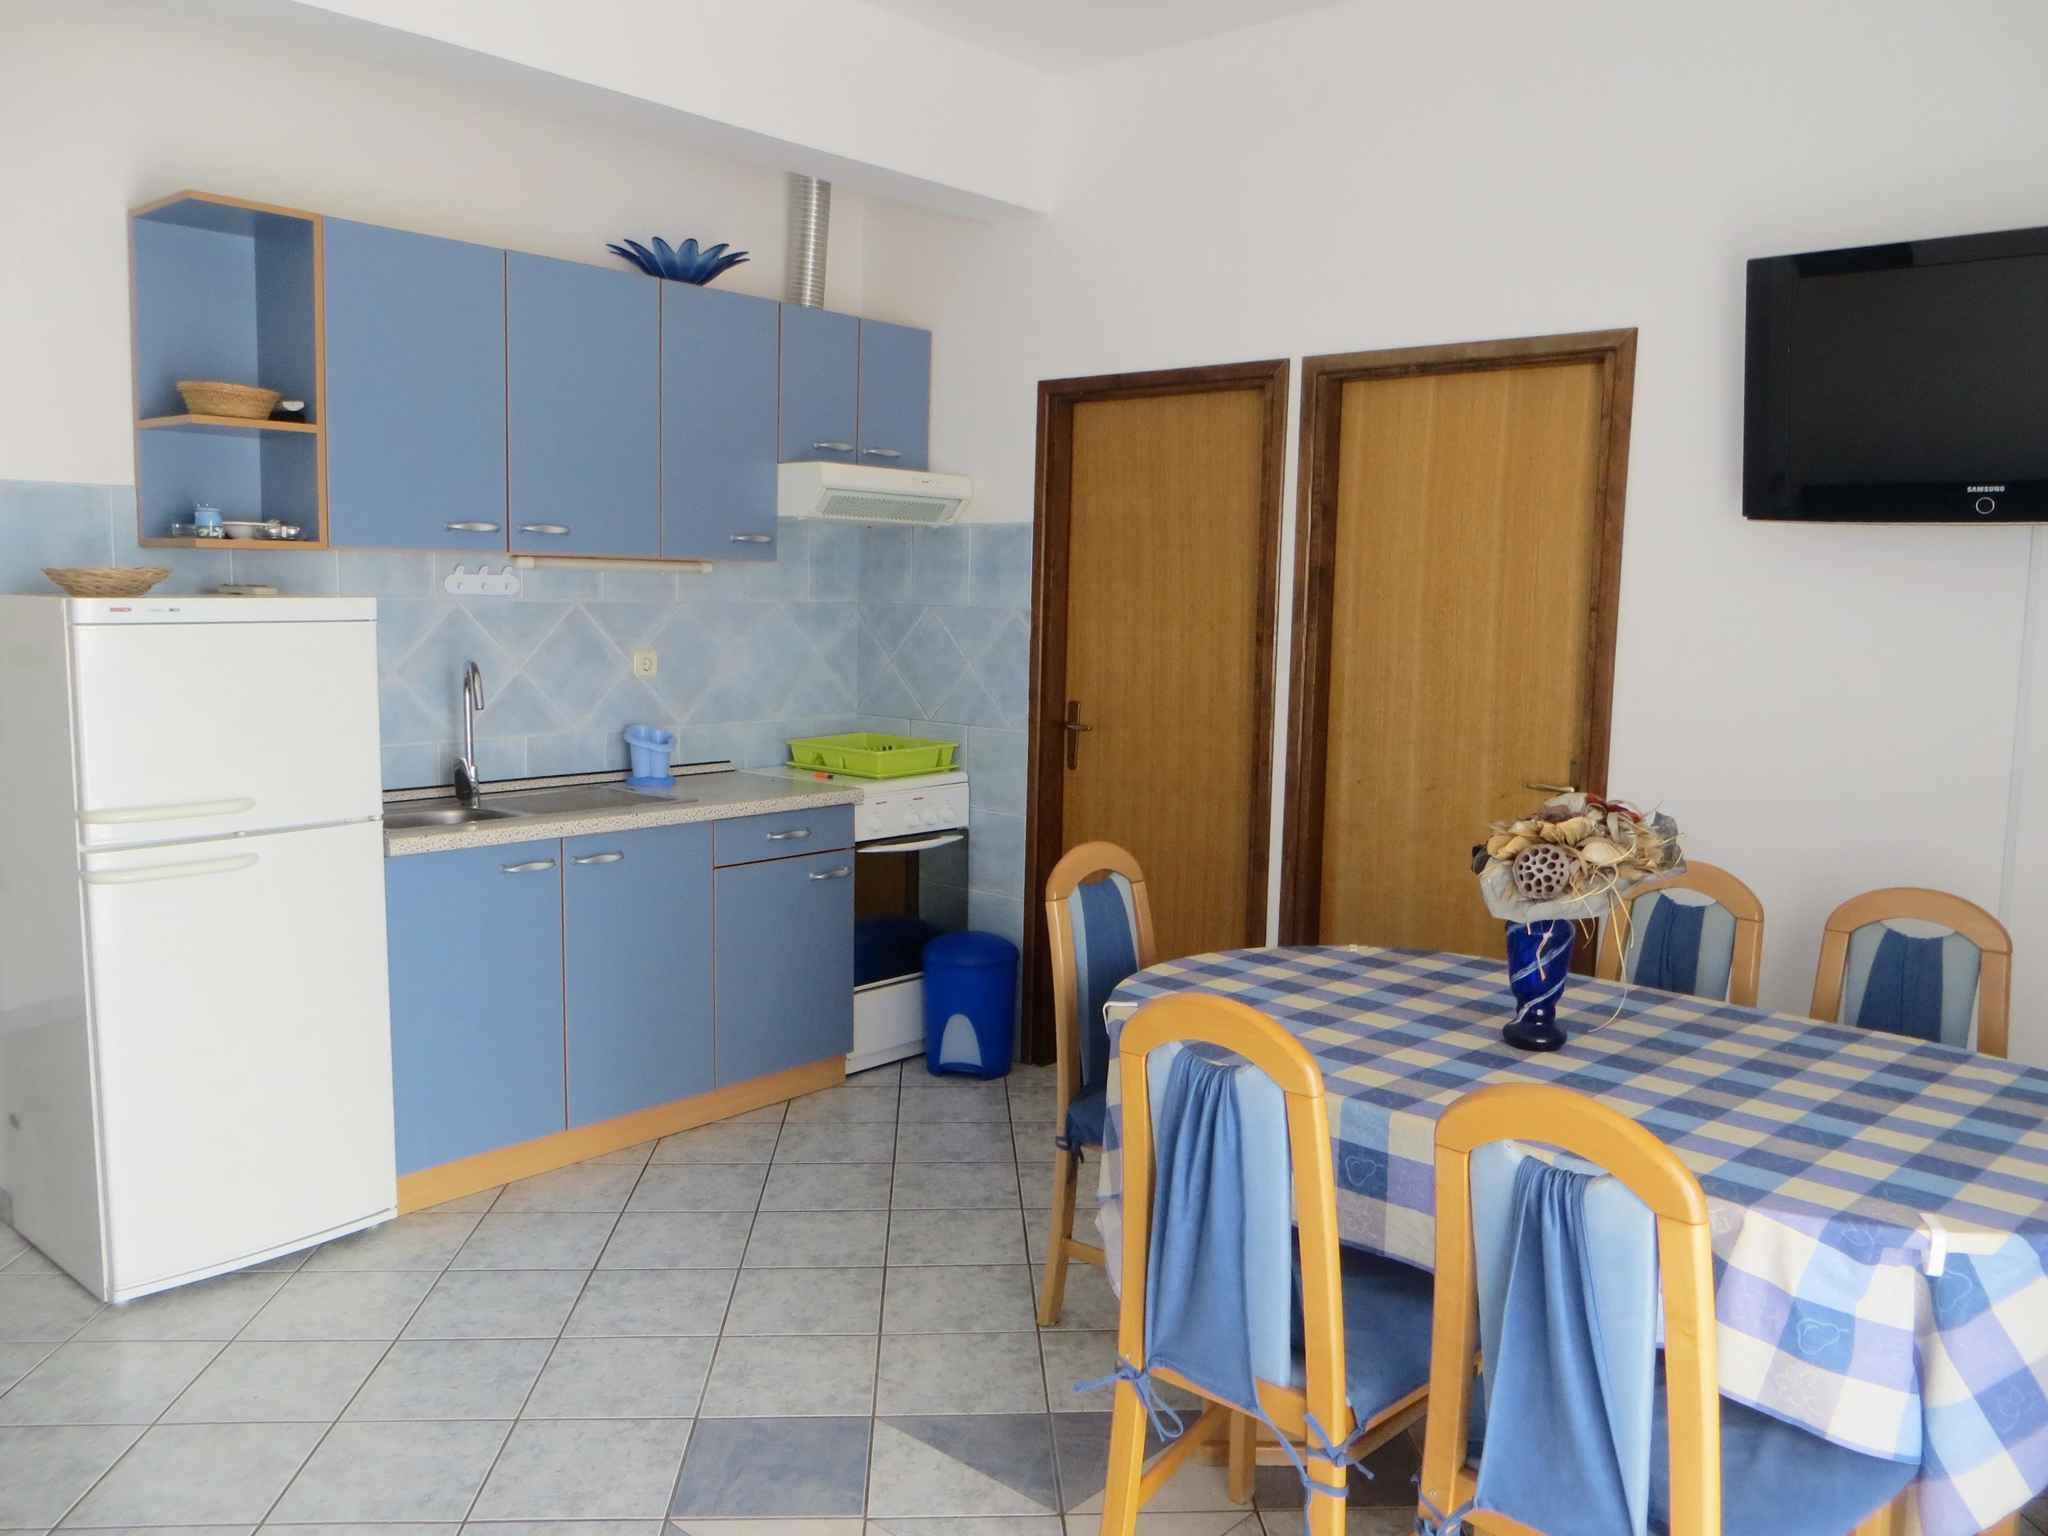 Ferienwohnung mit Klimaanlage nur 300 m zur Adria (287926), Starigrad Paklenica, , Dalmatien, Kroatien, Bild 7